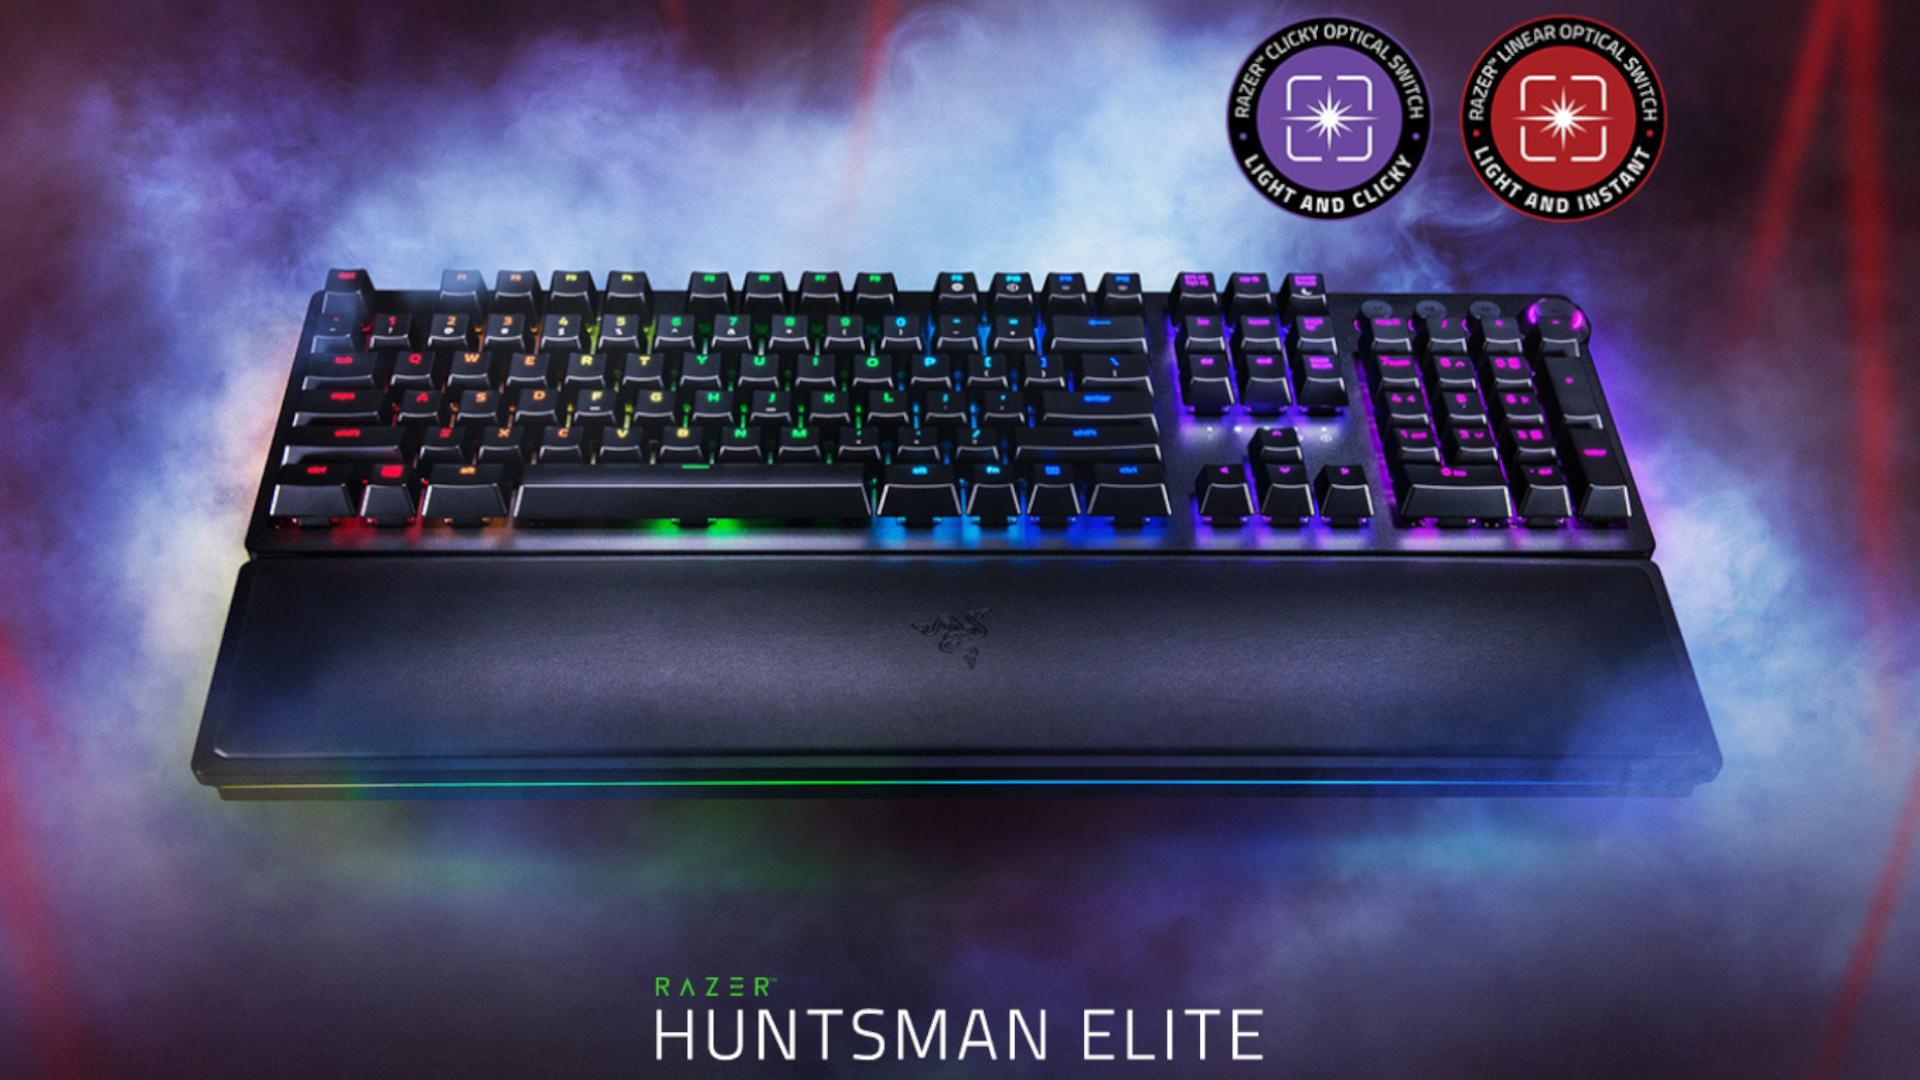 O teclado gamer Razer Huntsman Opto Elite é modelo topo de linha dos teclados ópticos da Razer (Foto: Divulgação/Razer)